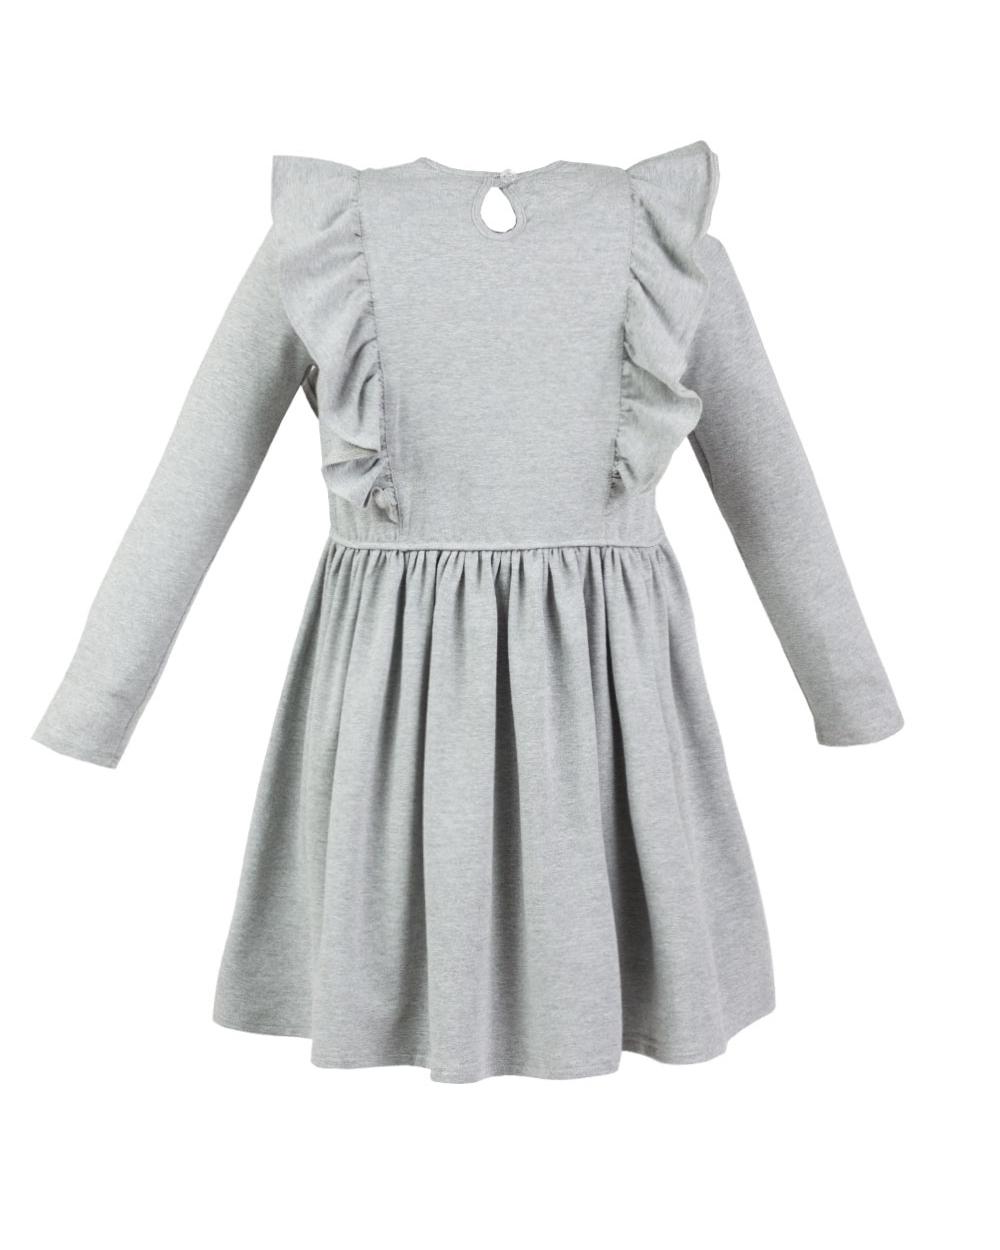 b4174da9c2a1e4 Sukienka z długim rękawem ozdobiona koronką falbanami dla dziewczynki tył